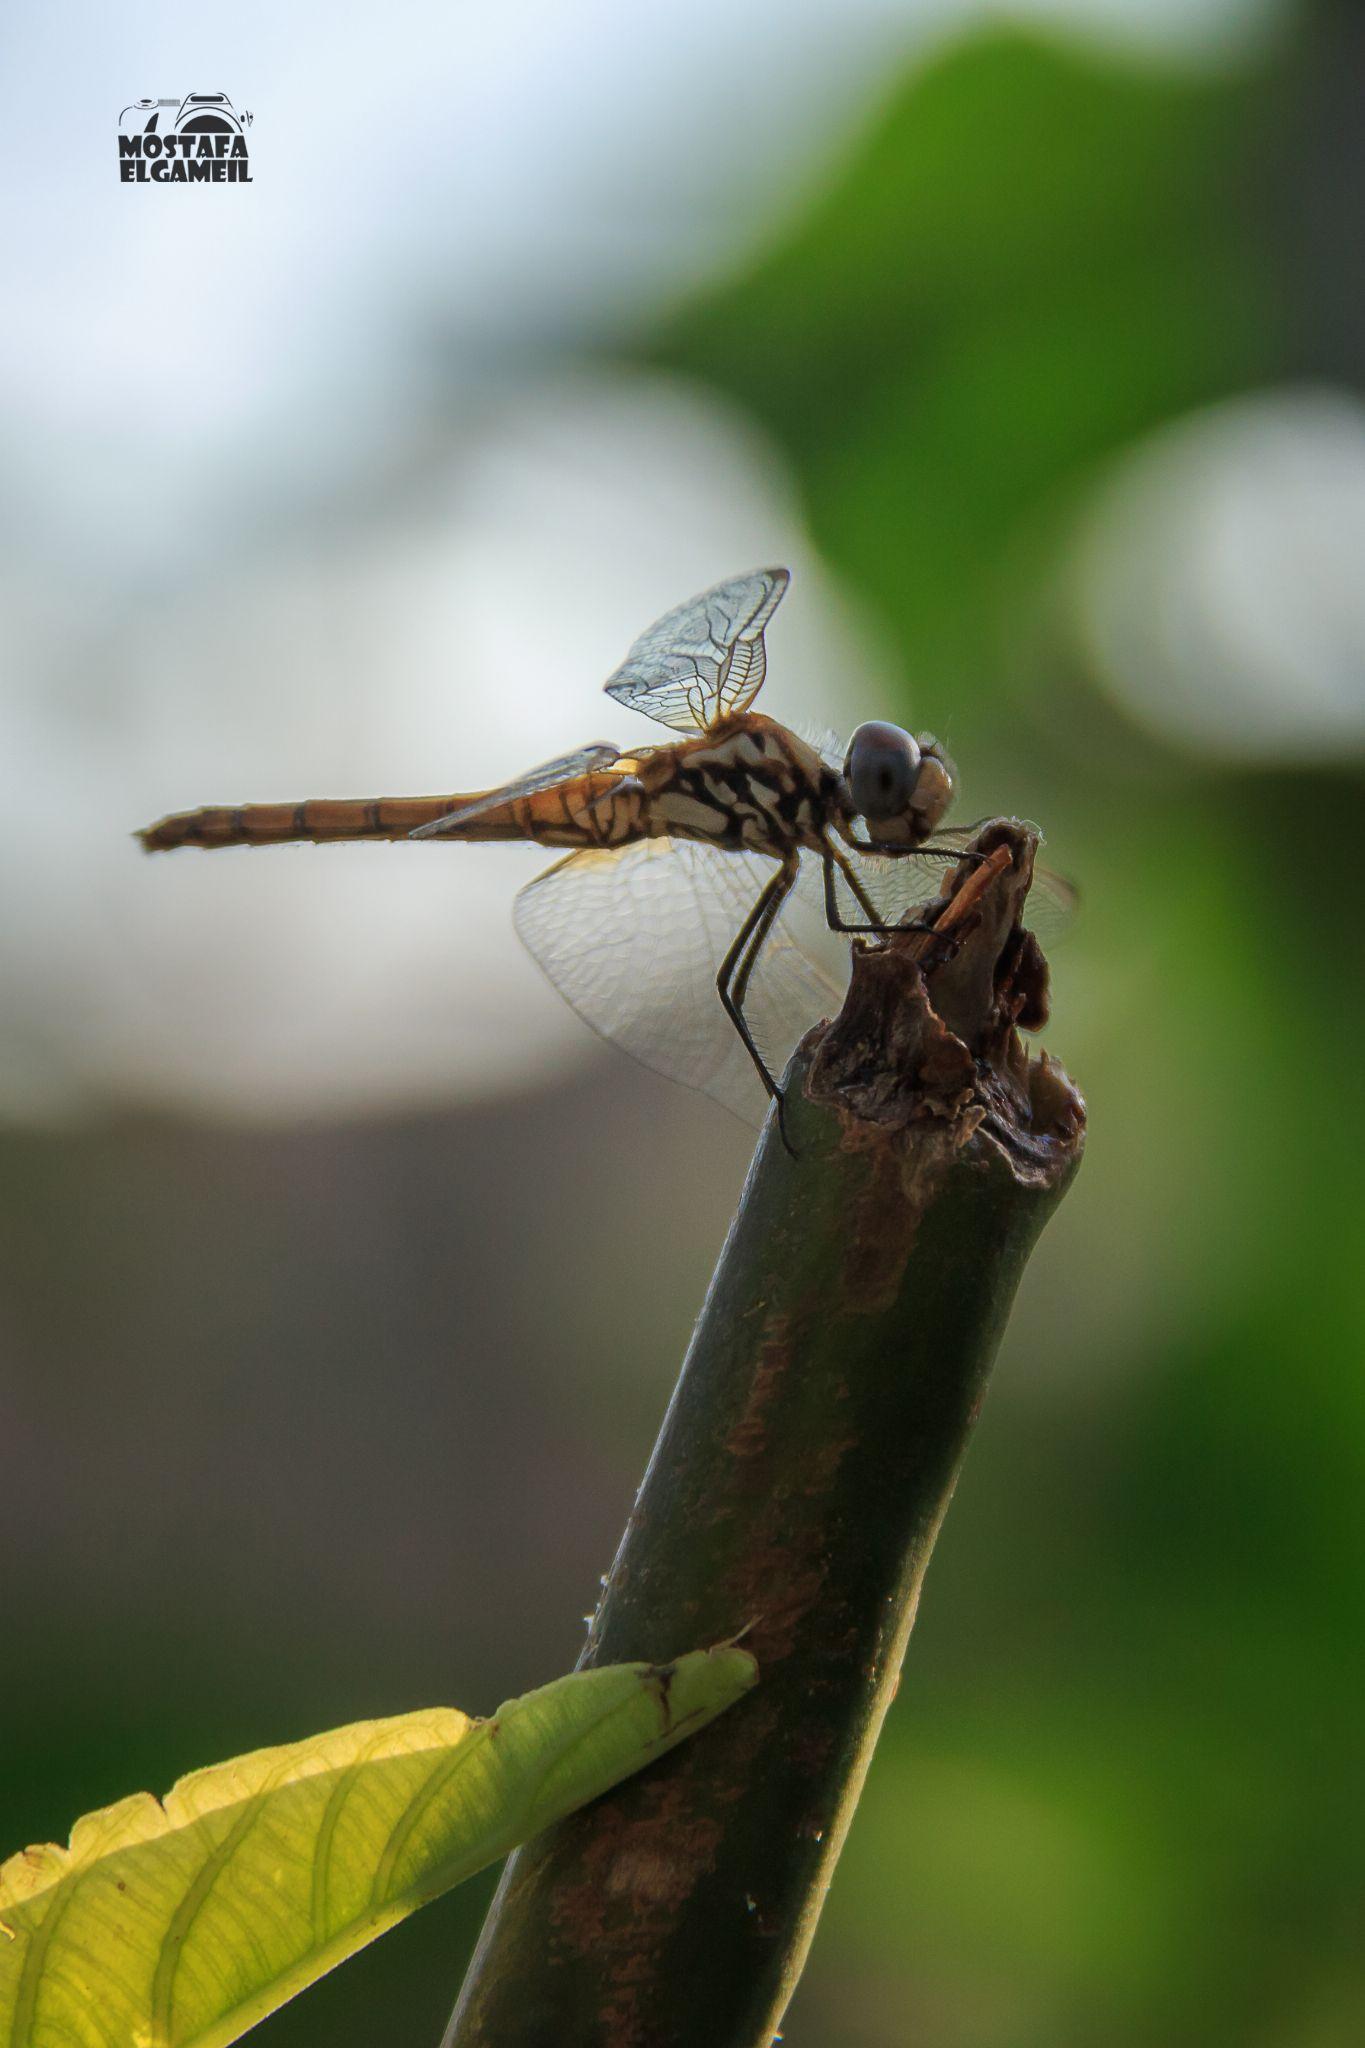 Dragonfly by Mostafa ElGameil